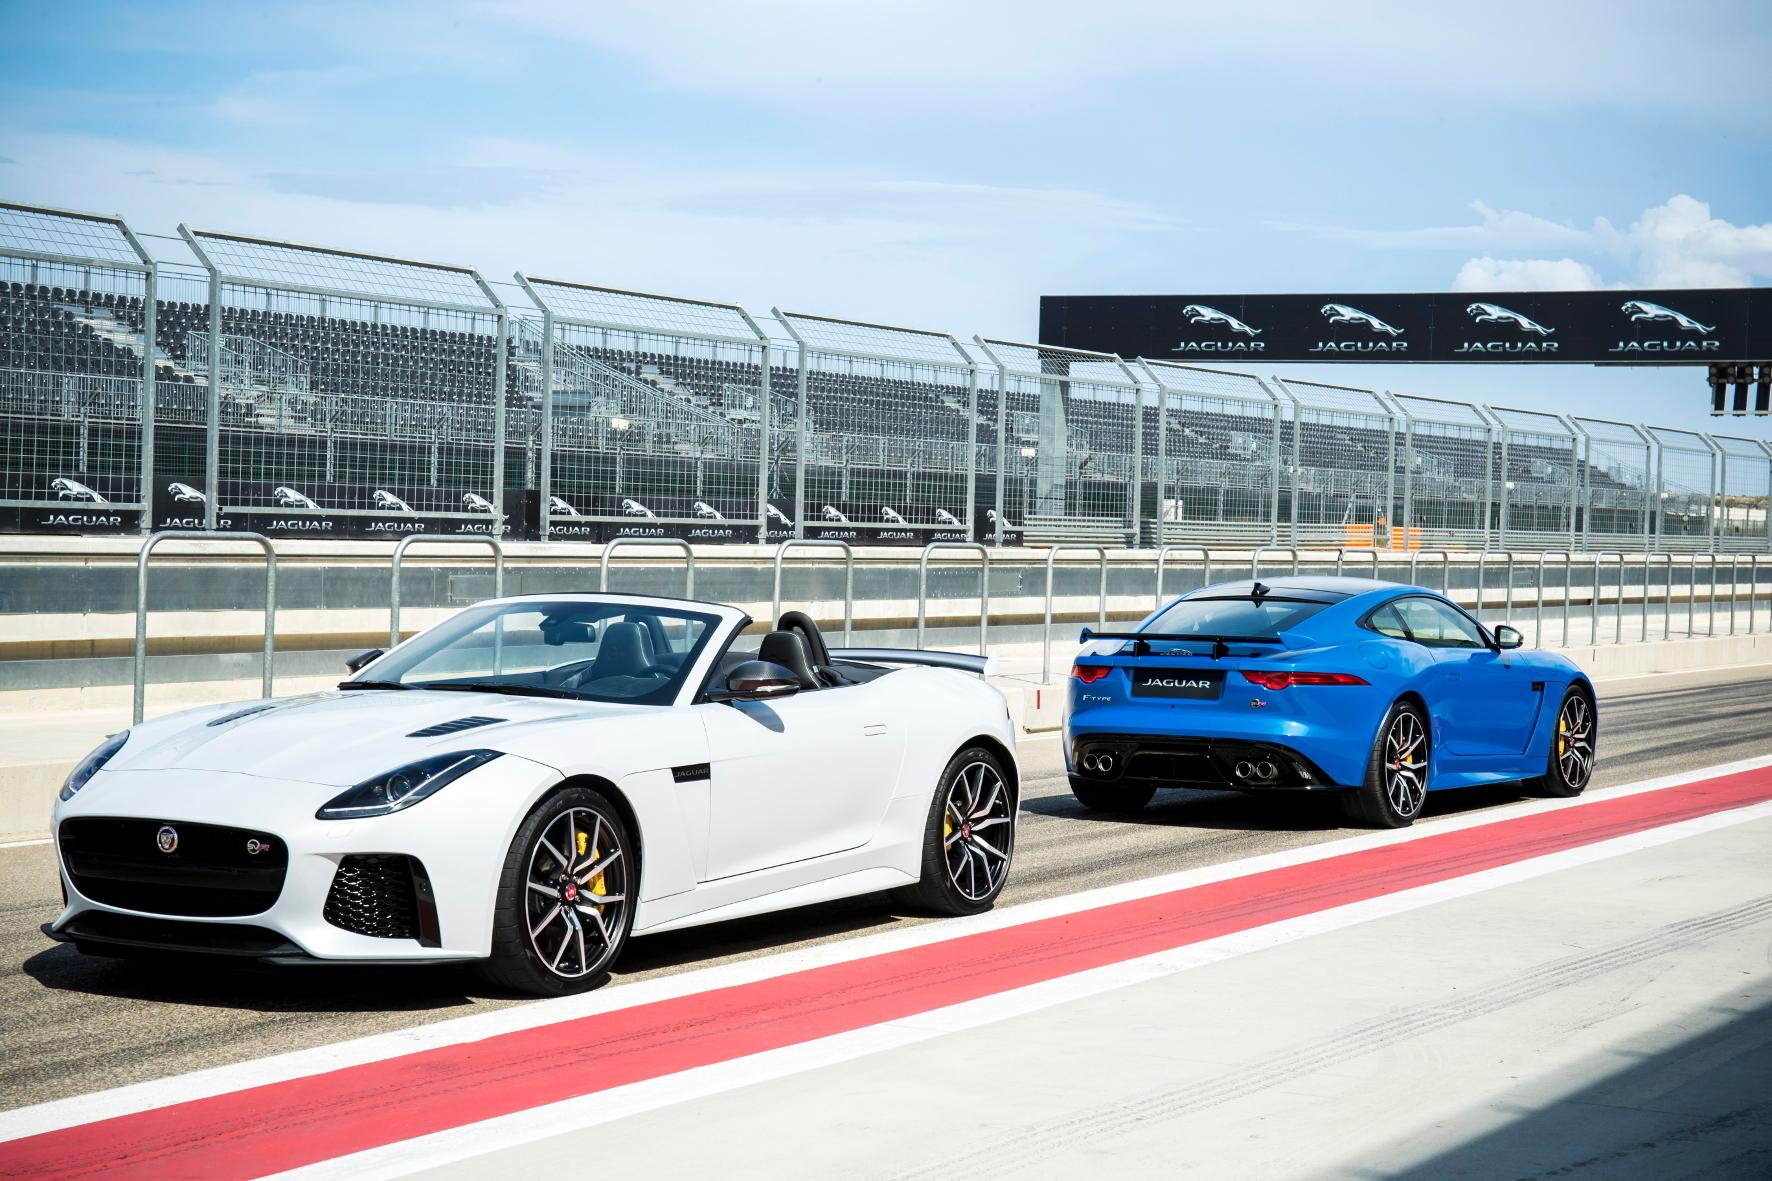 mid Adenau - Raubkatze mit geschärften Krallen: Die SVR-Variante des Jaguar F-Type ist das bislang schnellste und stärkste Modell der Marken-Historie.